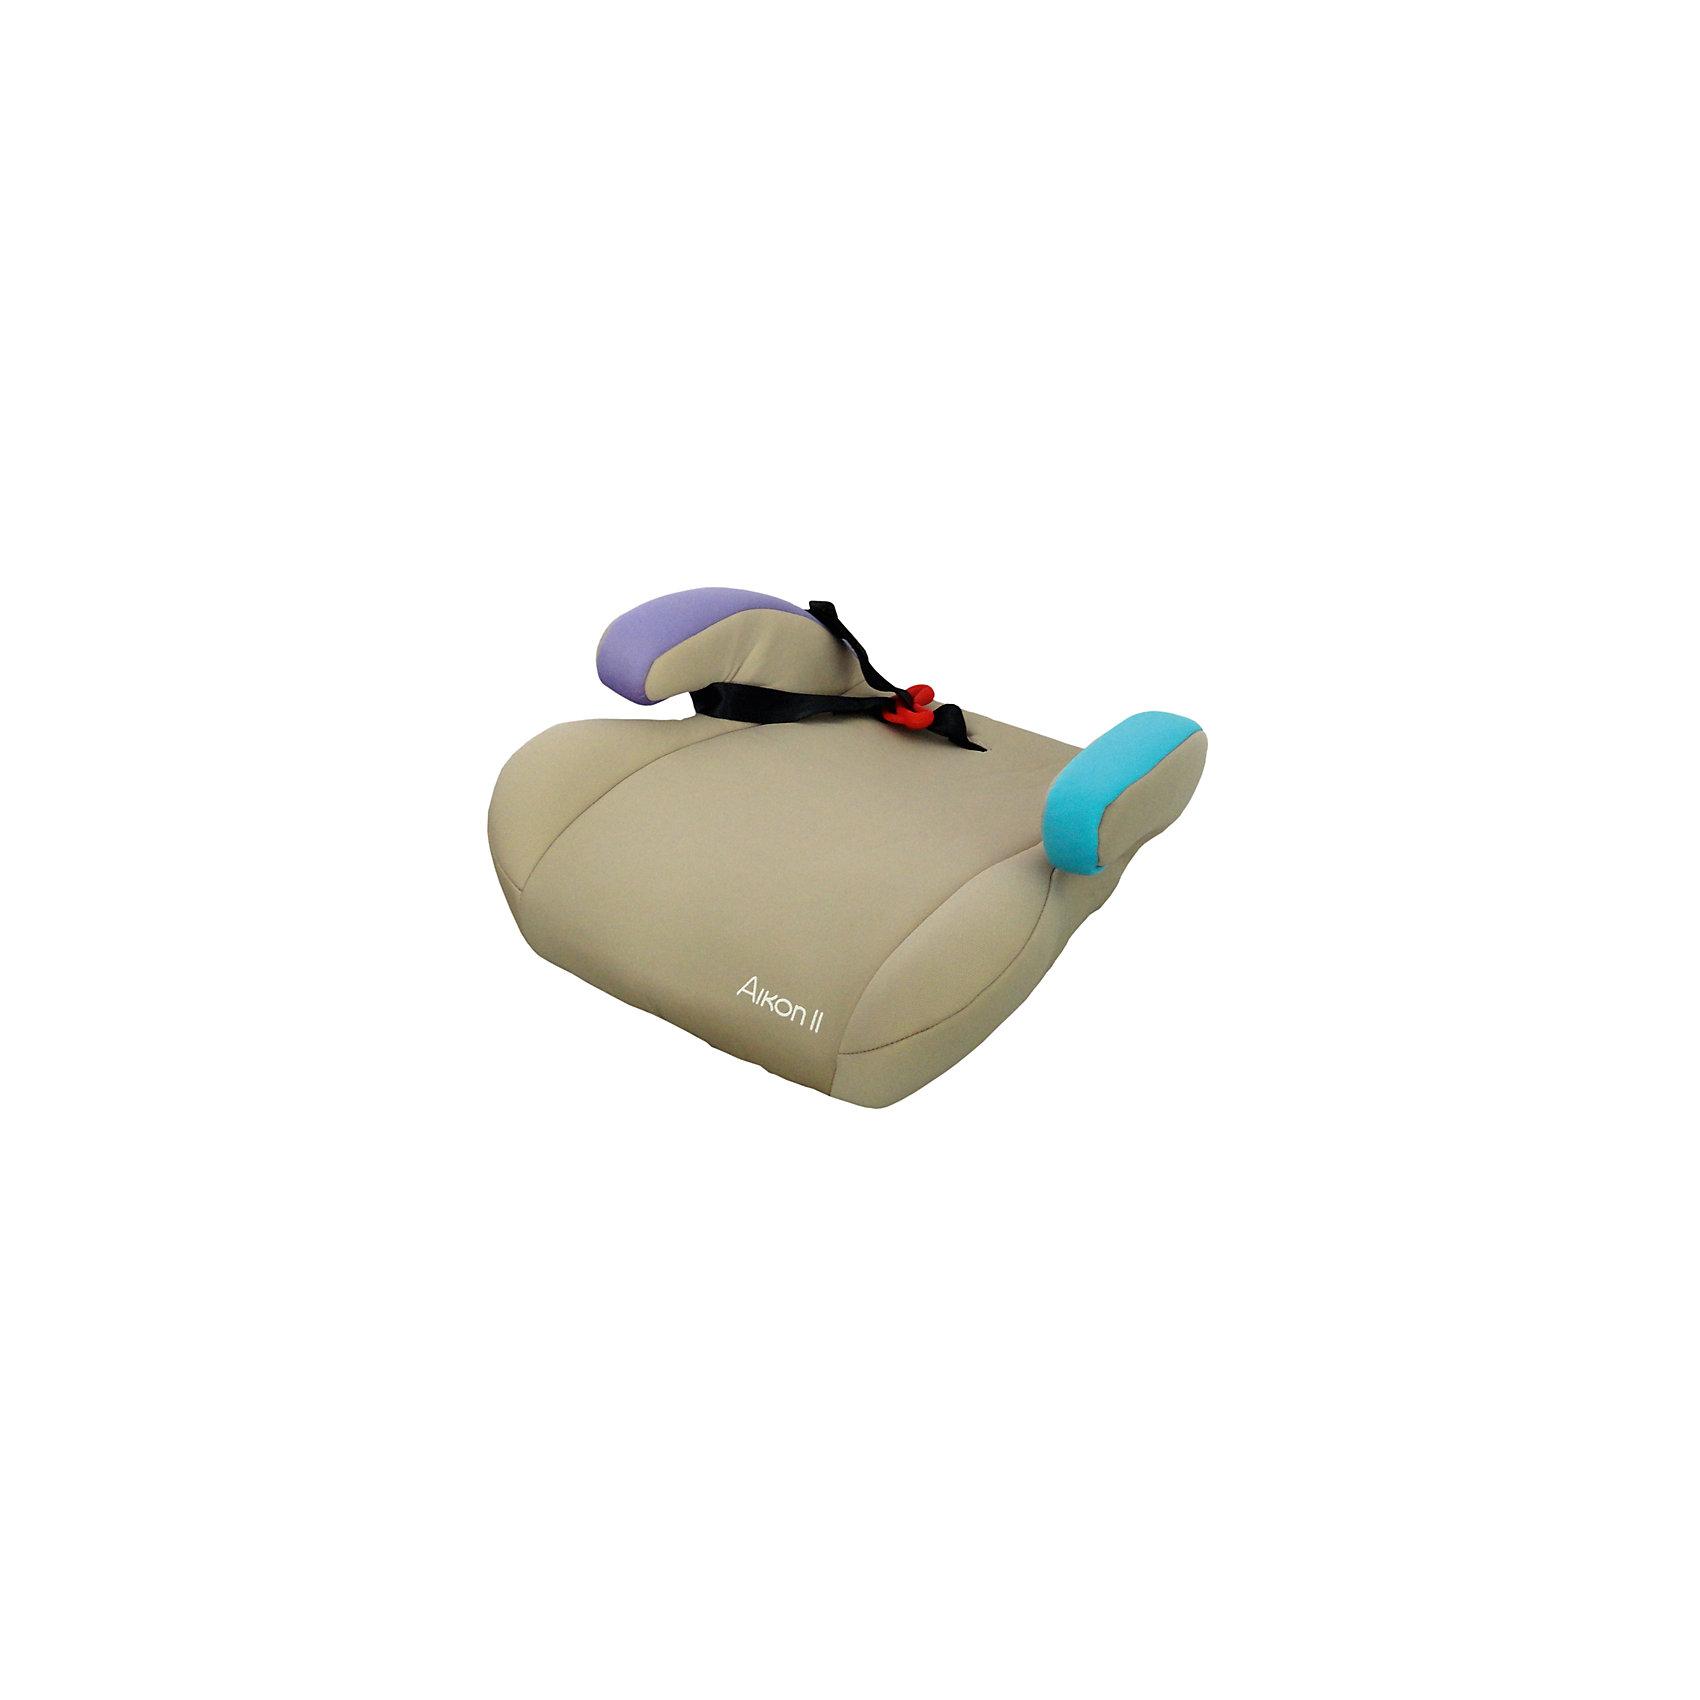 Автокресло-бустер AIKON 2 LB781, Babyhit, бежевыйАвтокресло-бустер Aikon - бустер для самых взрослых деток, который крепится с помощью штатных ремней безопасности. Бустер широкий, поэтому любой ребенок почувствует себя свободно. Бустер крепится вместе с ребенком на штатный ремень. Он ни в коем случае не должен касаться шеи. При правильном использовании бустера ремень безопасности должен проходить через плечо ребенка. Закрепляя ремень безопасности на «рожках» детского сиденья, обязательно максимально натяните его и следите за тем, чтобы он не проходил  через живот. И самое главное: ремень безопасности должен всегда проходить через ребенка! Ни в коем случае нельзя пропускать штатную ленту только через «рожки» бустера. Материал легко чистить и при этом он достаточно устойчив к загрязнениям.<br><br>ОСОБЕННОСТИ:<br><br>• устанавливается по направлению движения;<br>• ремень для дополнительной фиксации штатных ремней безопасности автомобиля;<br>• высокопрочный материал;<br>• съемный чехол;<br>• соответствует европейским стандартам безопасности ECE R44/04;<br>• группа автокресел 3 (от 15 до 36 кг) от 4 лет.<br><br>Дополнительная информация:<br><br>- 3 группа (от 15 до 36 кг);<br>- бустер;<br>- установка лицом вперед;<br>- вес 1.5 кг.<br><br>Автокресло-бустер Aikon 9-36 кг., можно купить в нашем интернет-магазине.<br><br>Ширина мм: 500<br>Глубина мм: 440<br>Высота мм: 780<br>Вес г: 1300<br>Возраст от месяцев: 72<br>Возраст до месяцев: 144<br>Пол: Унисекс<br>Возраст: Детский<br>SKU: 4968984